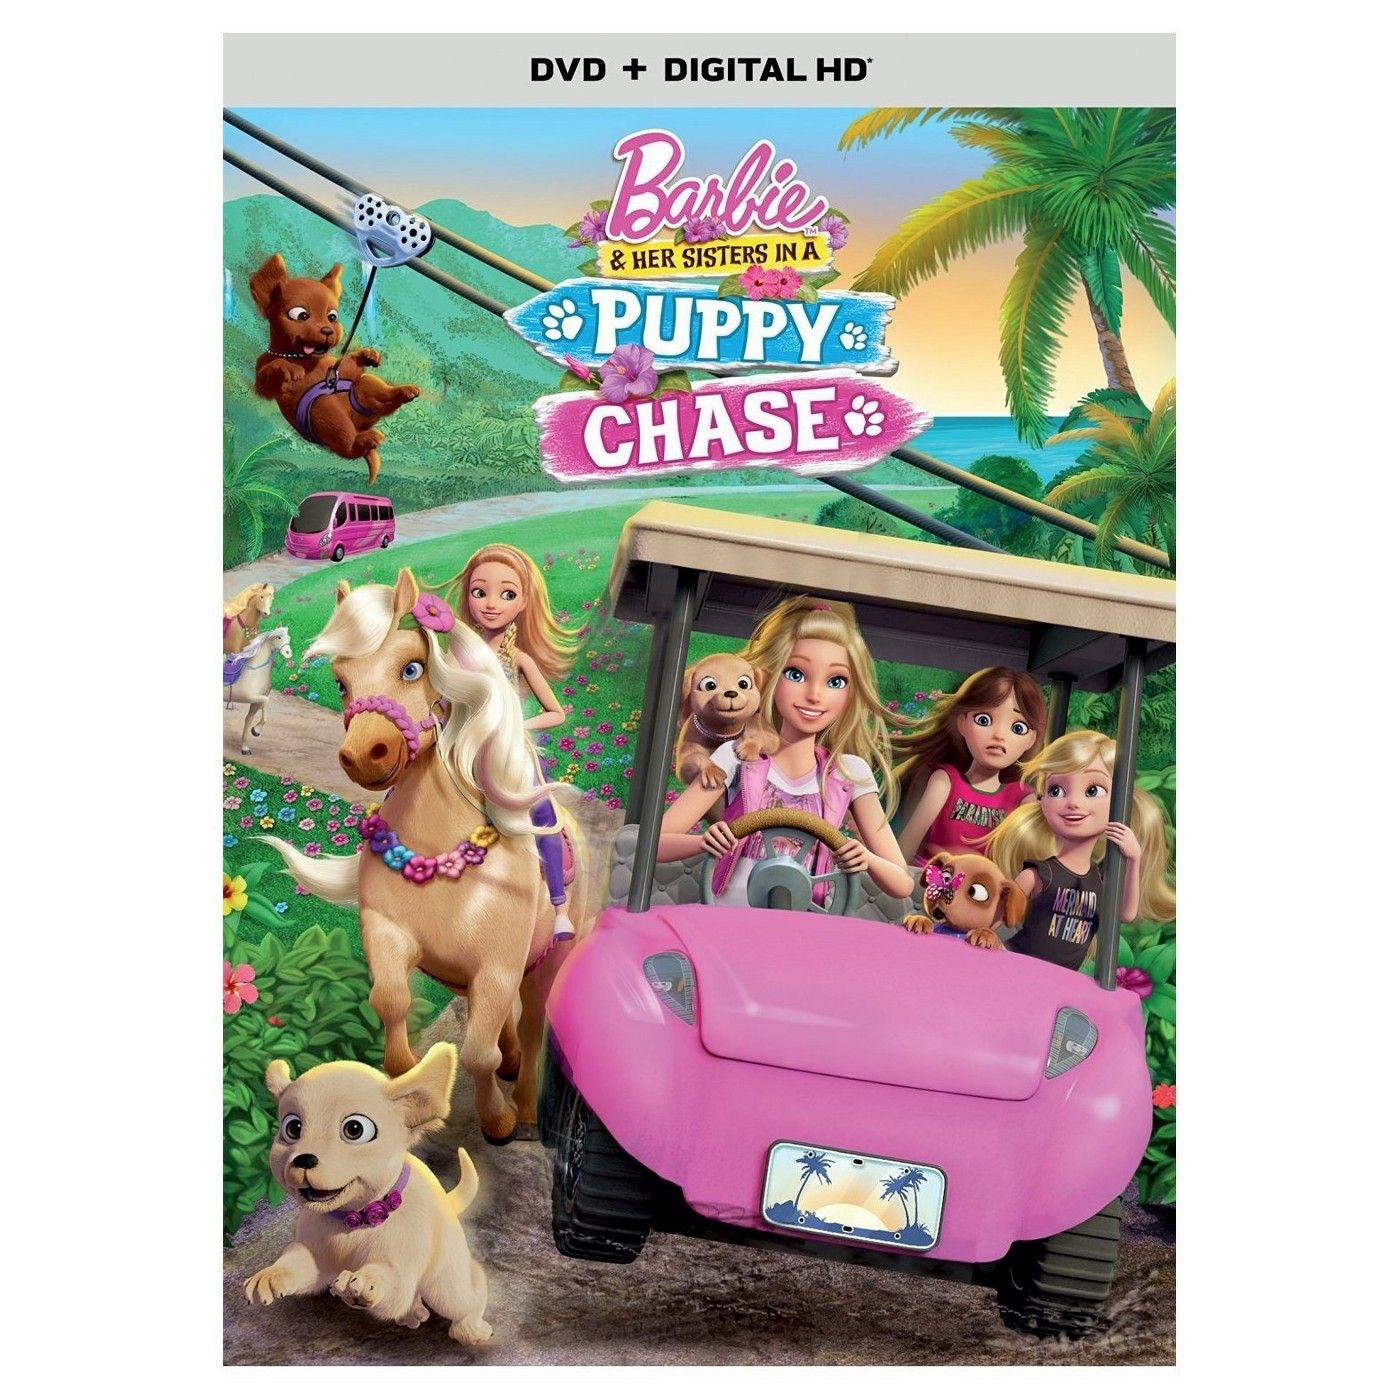 Barbie Her Sisters In A Puppy Chase Dvd Filmes De Animacao Barbie E Suas Irmas Filmes Da Barbie